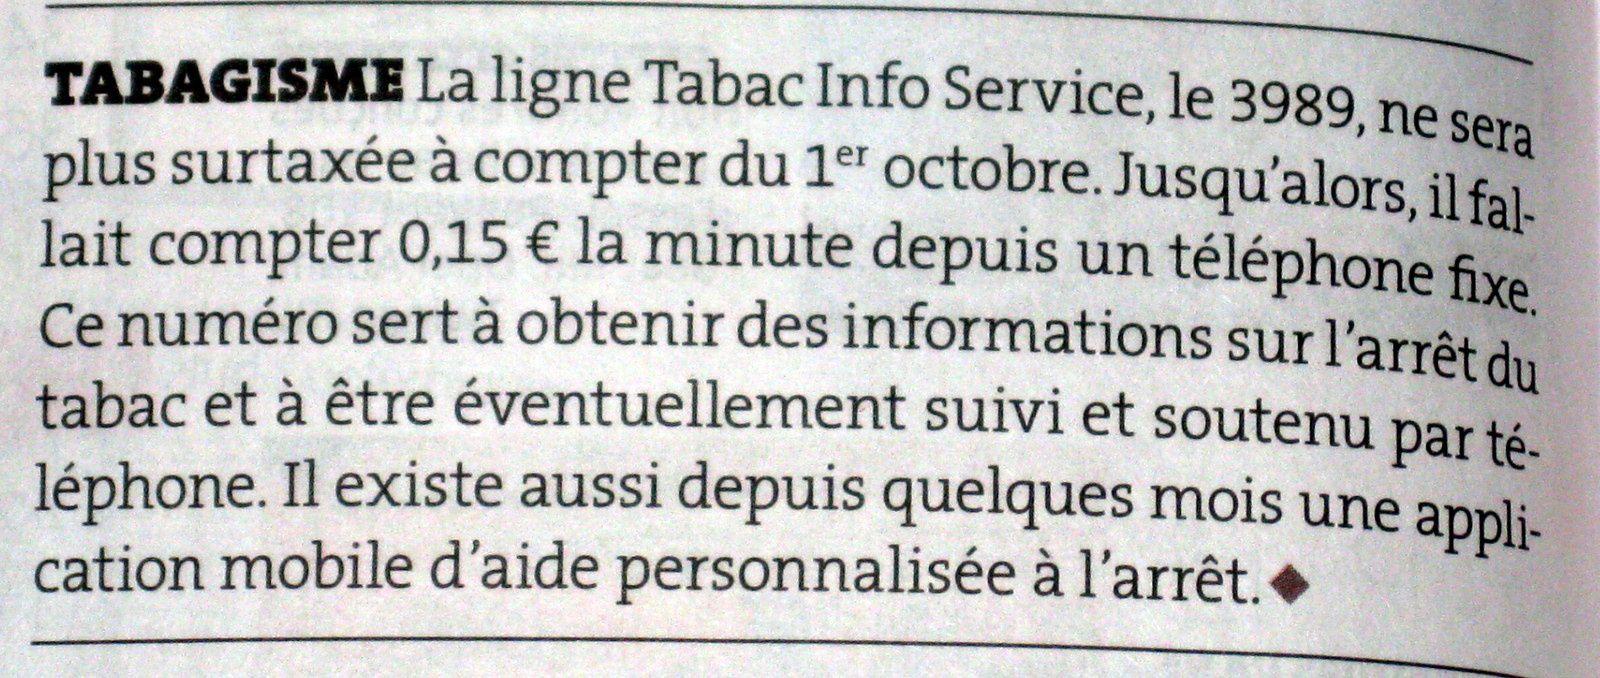 Sécurité - octobre 2015 ...